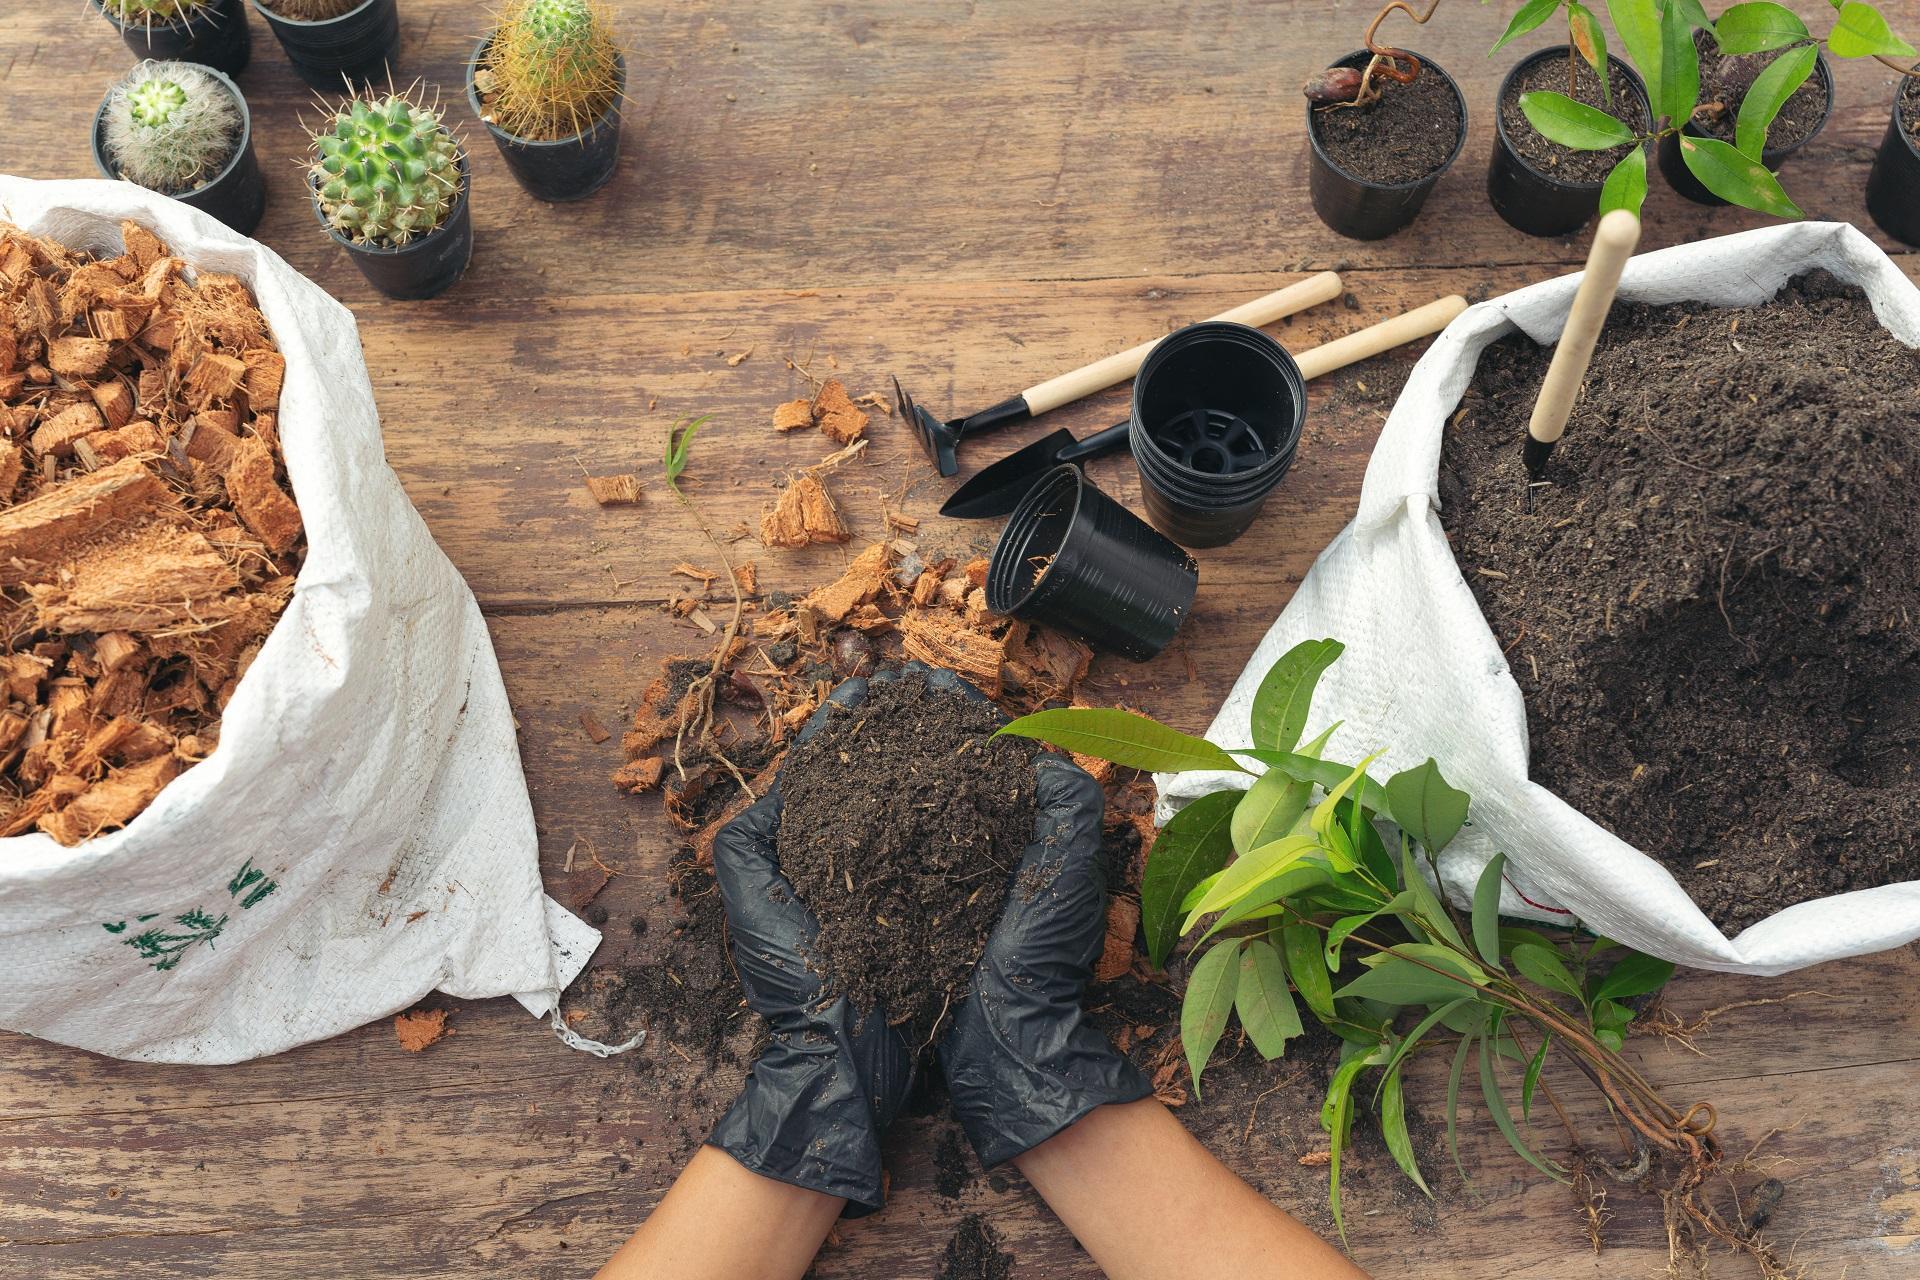 Projetos transdisciplinares na Cultura Maker